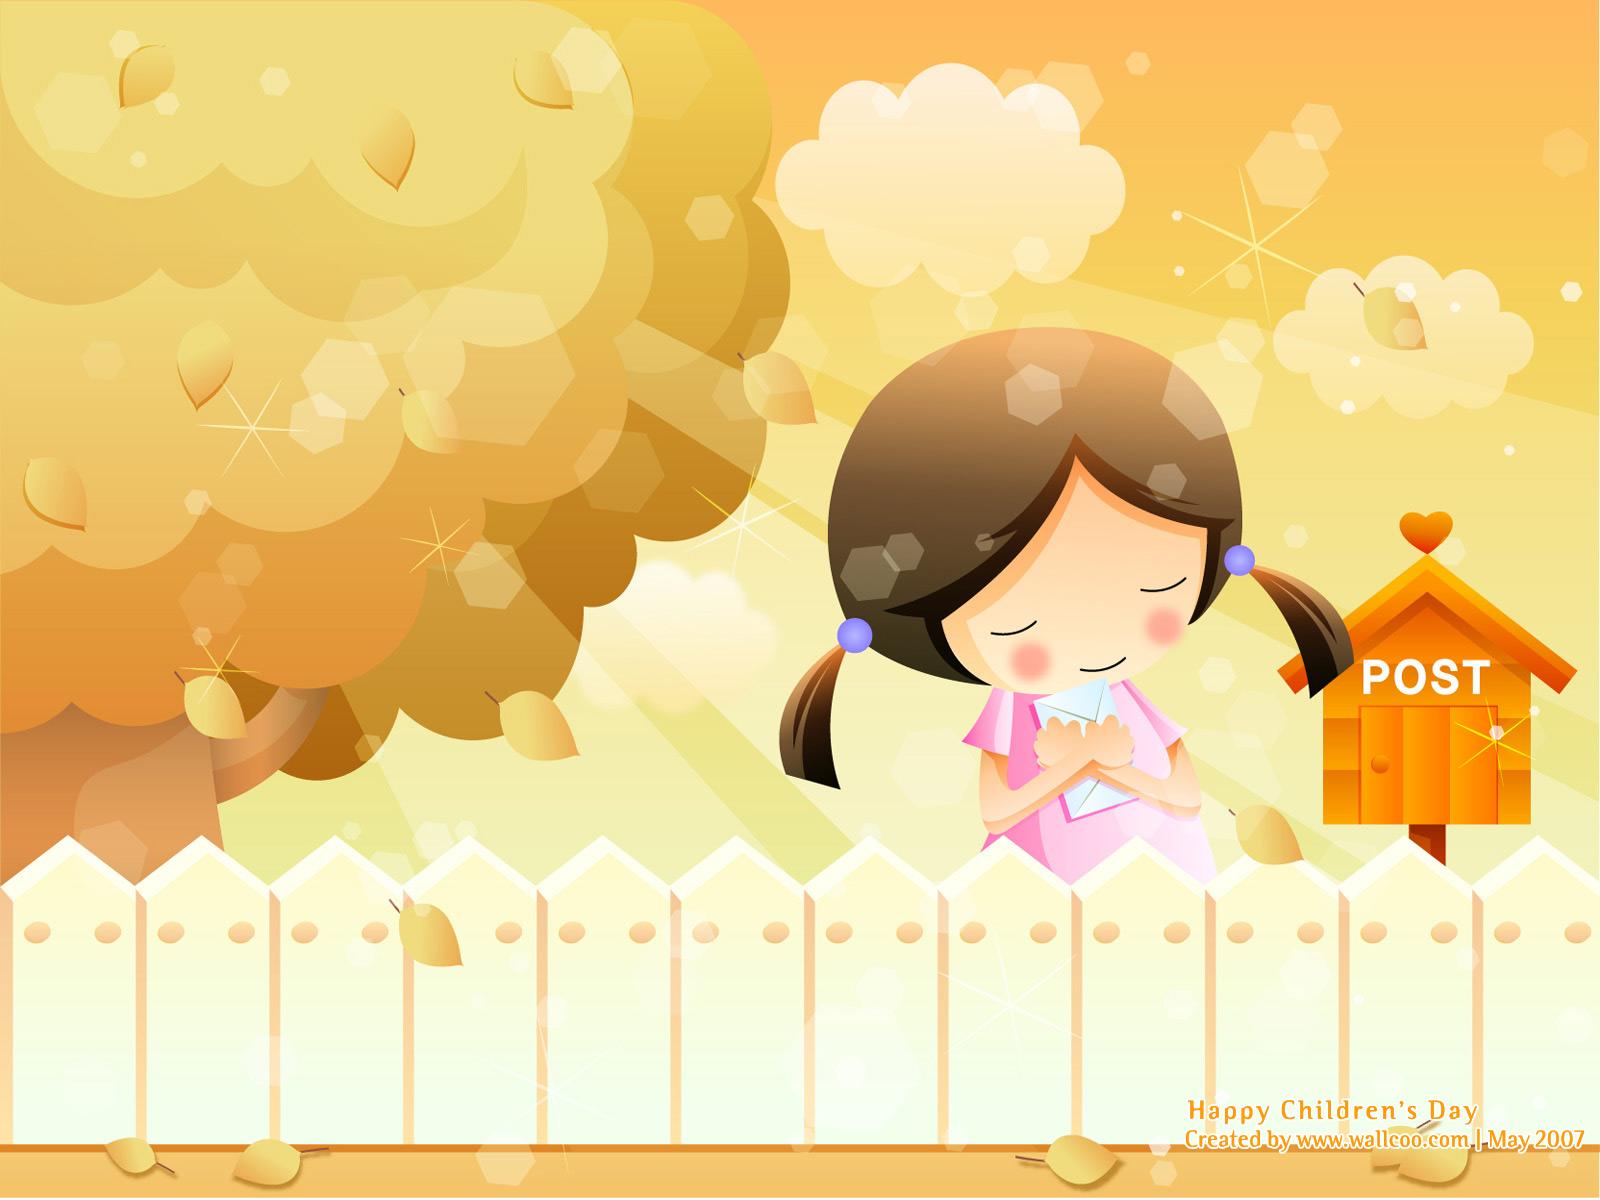 http://1.bp.blogspot.com/_fCMwSkepyGk/SwleUNGB4mI/AAAAAAAACyE/OdE7YqtH65k/s1600/Children_Day_vector_wallpaper_08-768054.jpg